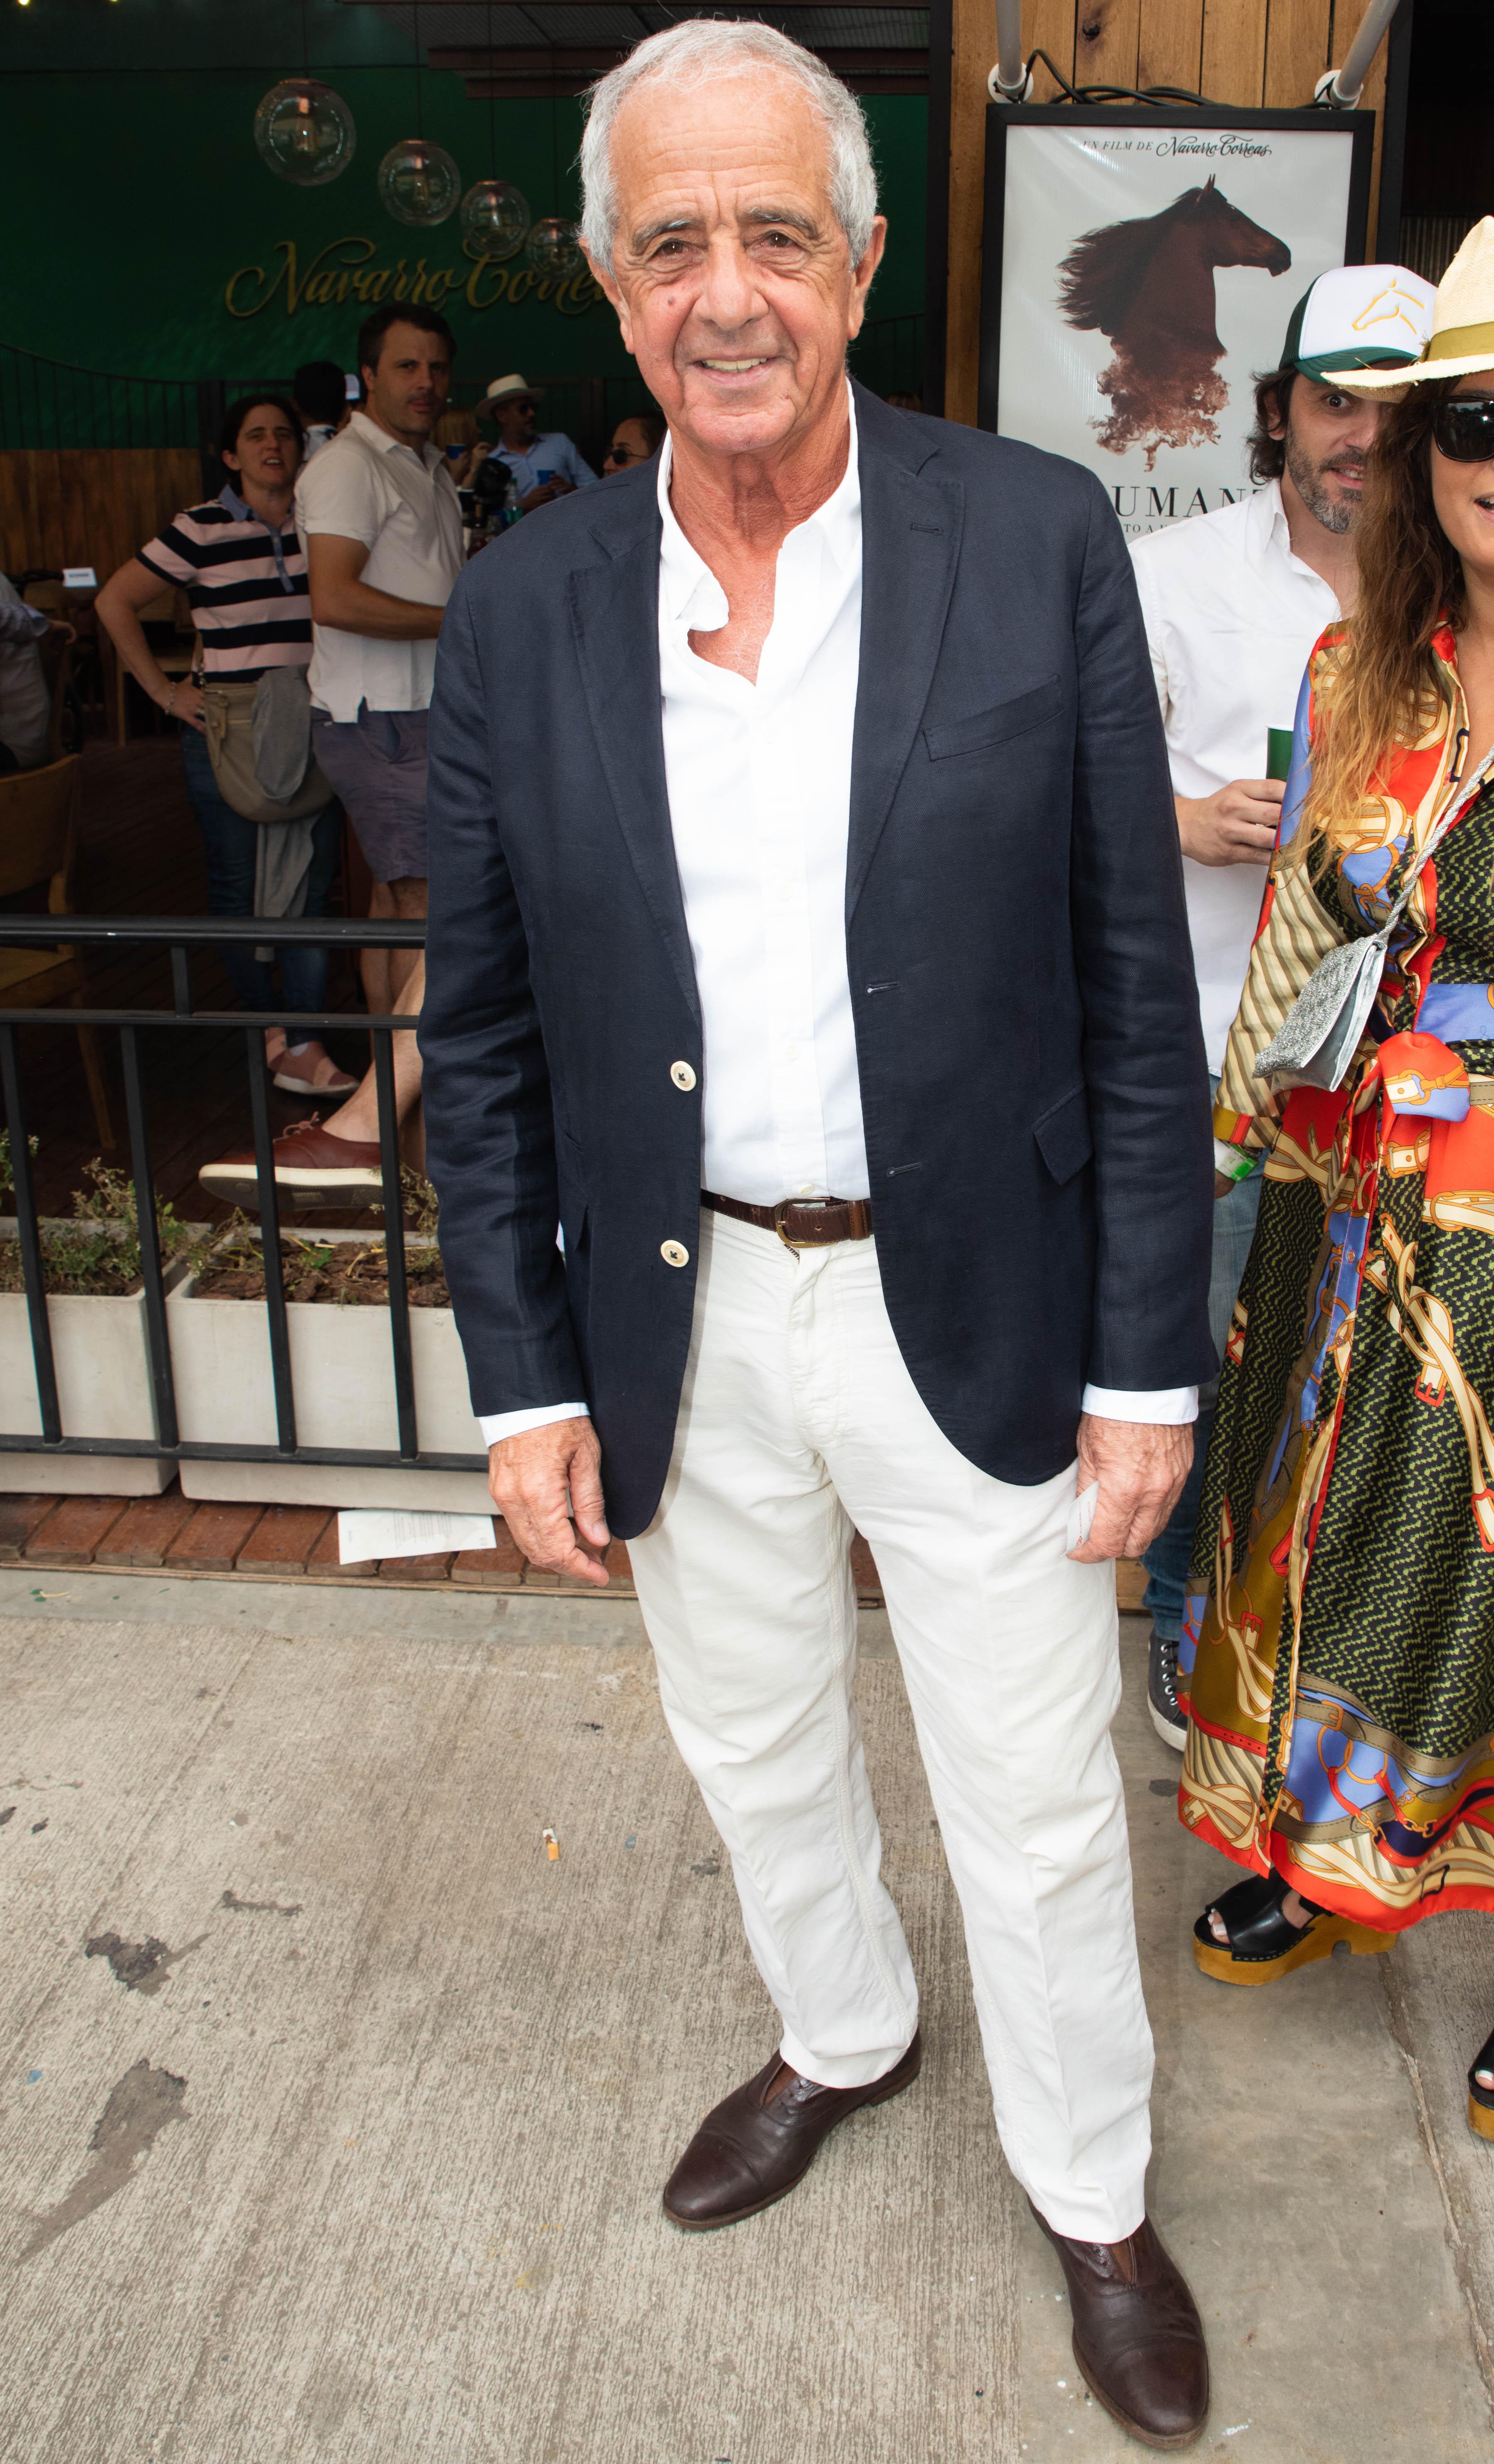 El presidente de River, Rodolfo D'Onofrio